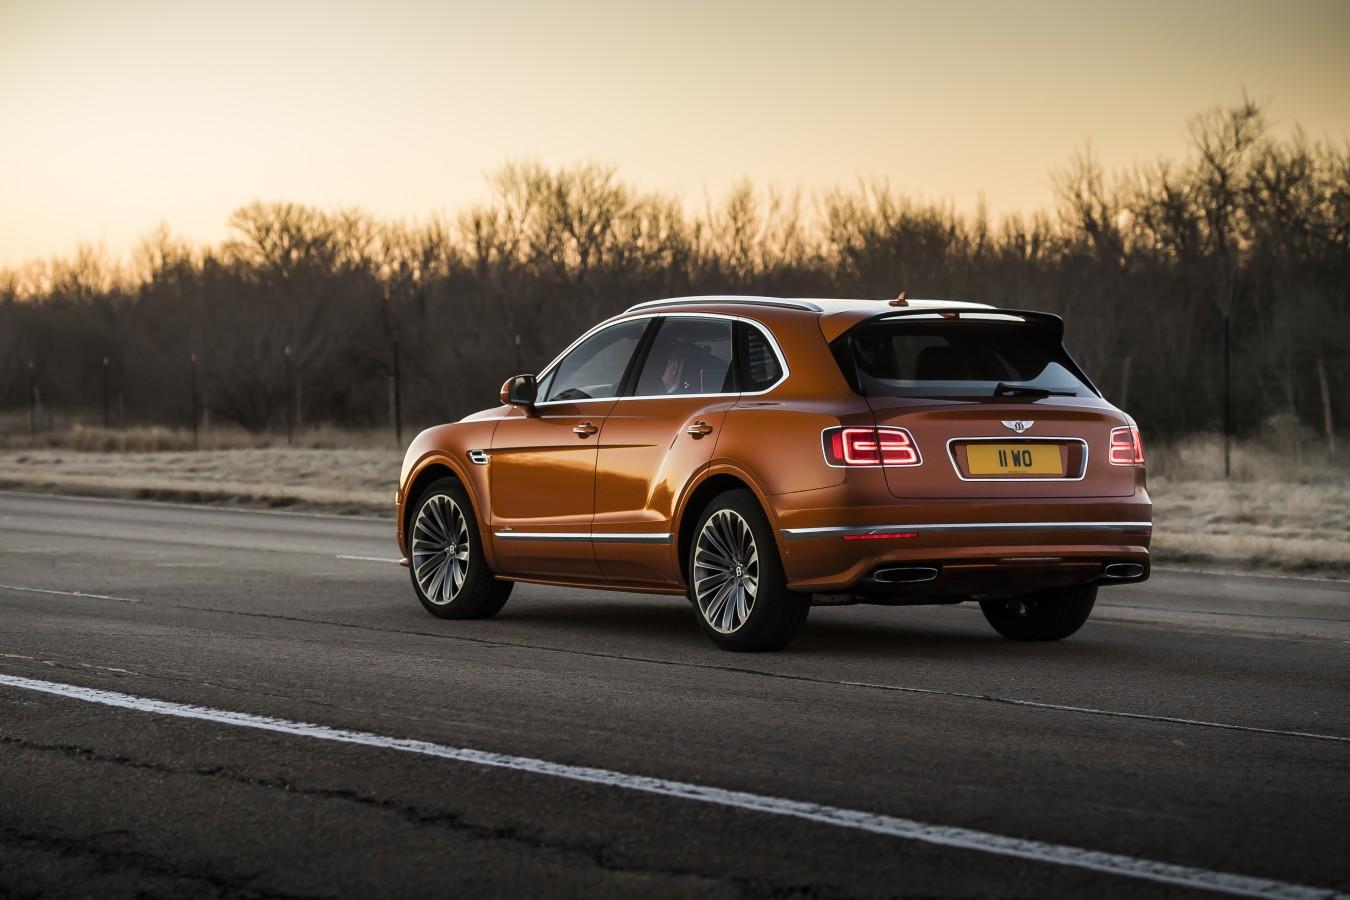 НОВЫЙ BENTLEY BENTAYGA SPEED - изображение Bentayga-Speed-9 на Bentleymoscow.ru!